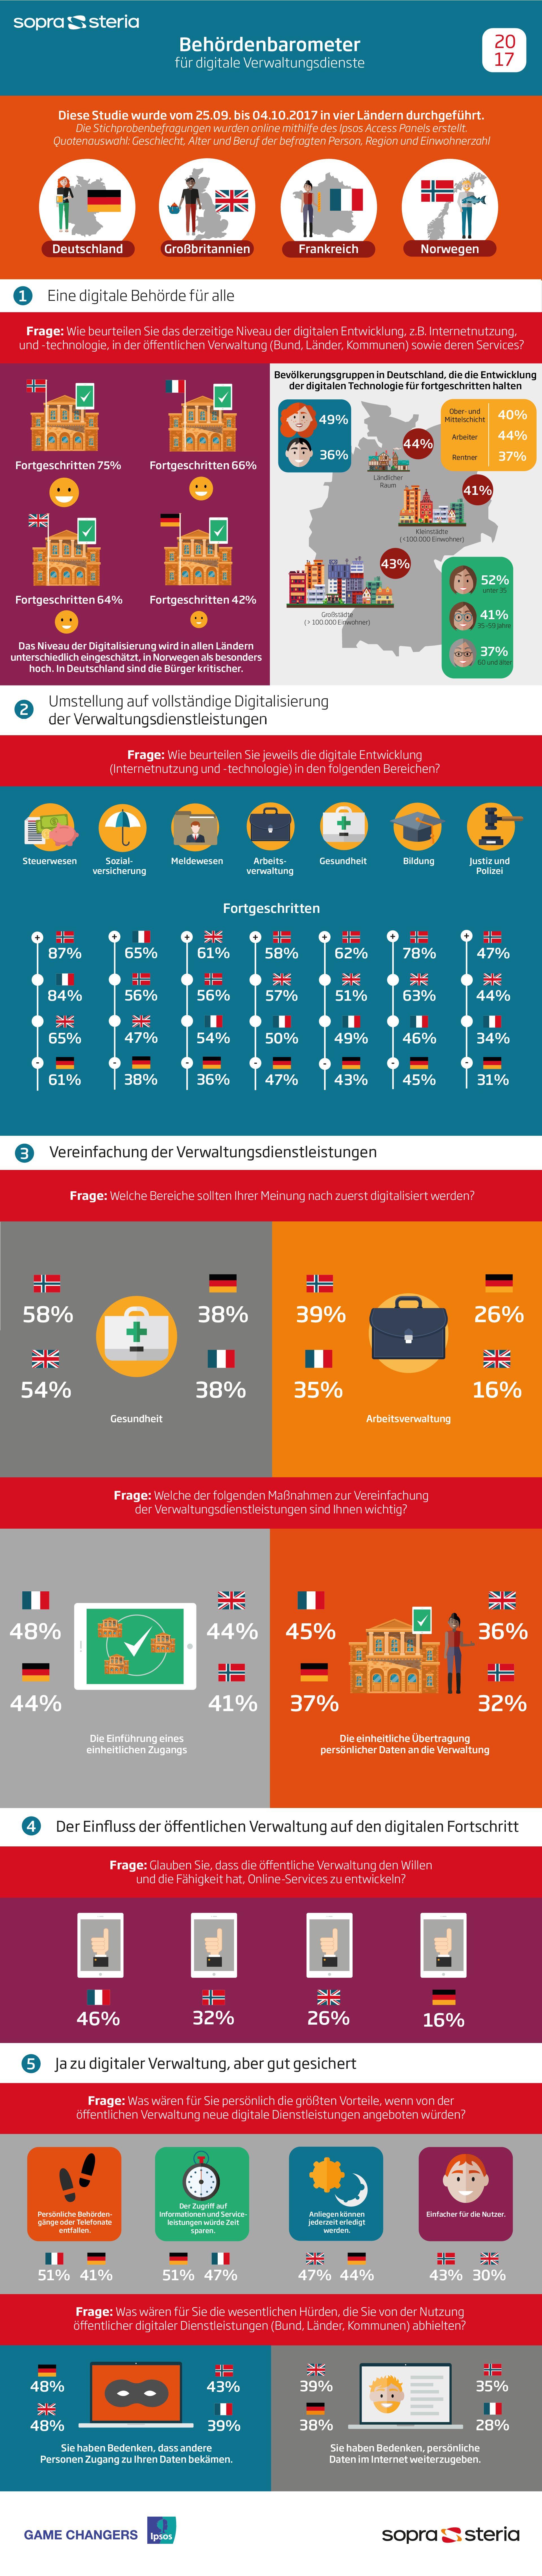 E-Government: Weniger als jeder zweite Deutsche sieht Fortschritte